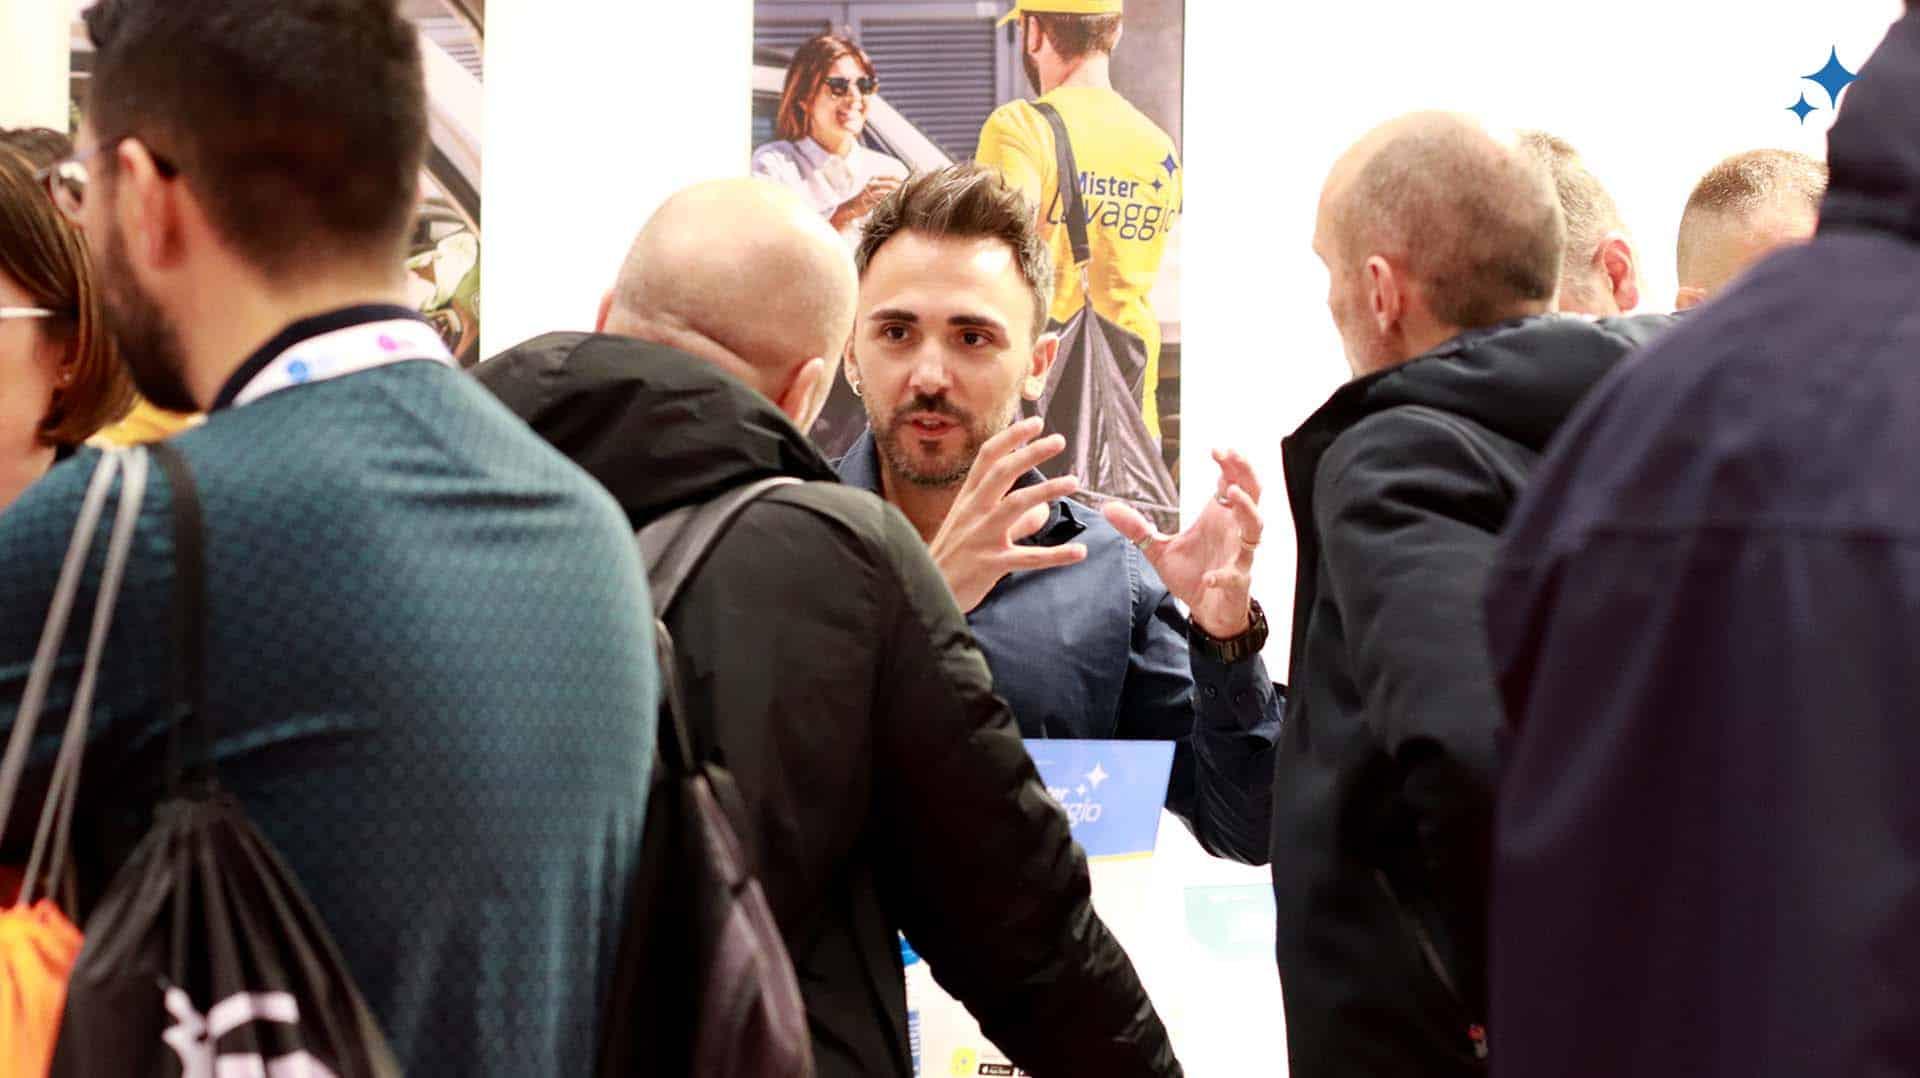 Mister Lavaggio Salone del Franchising Milano 2019